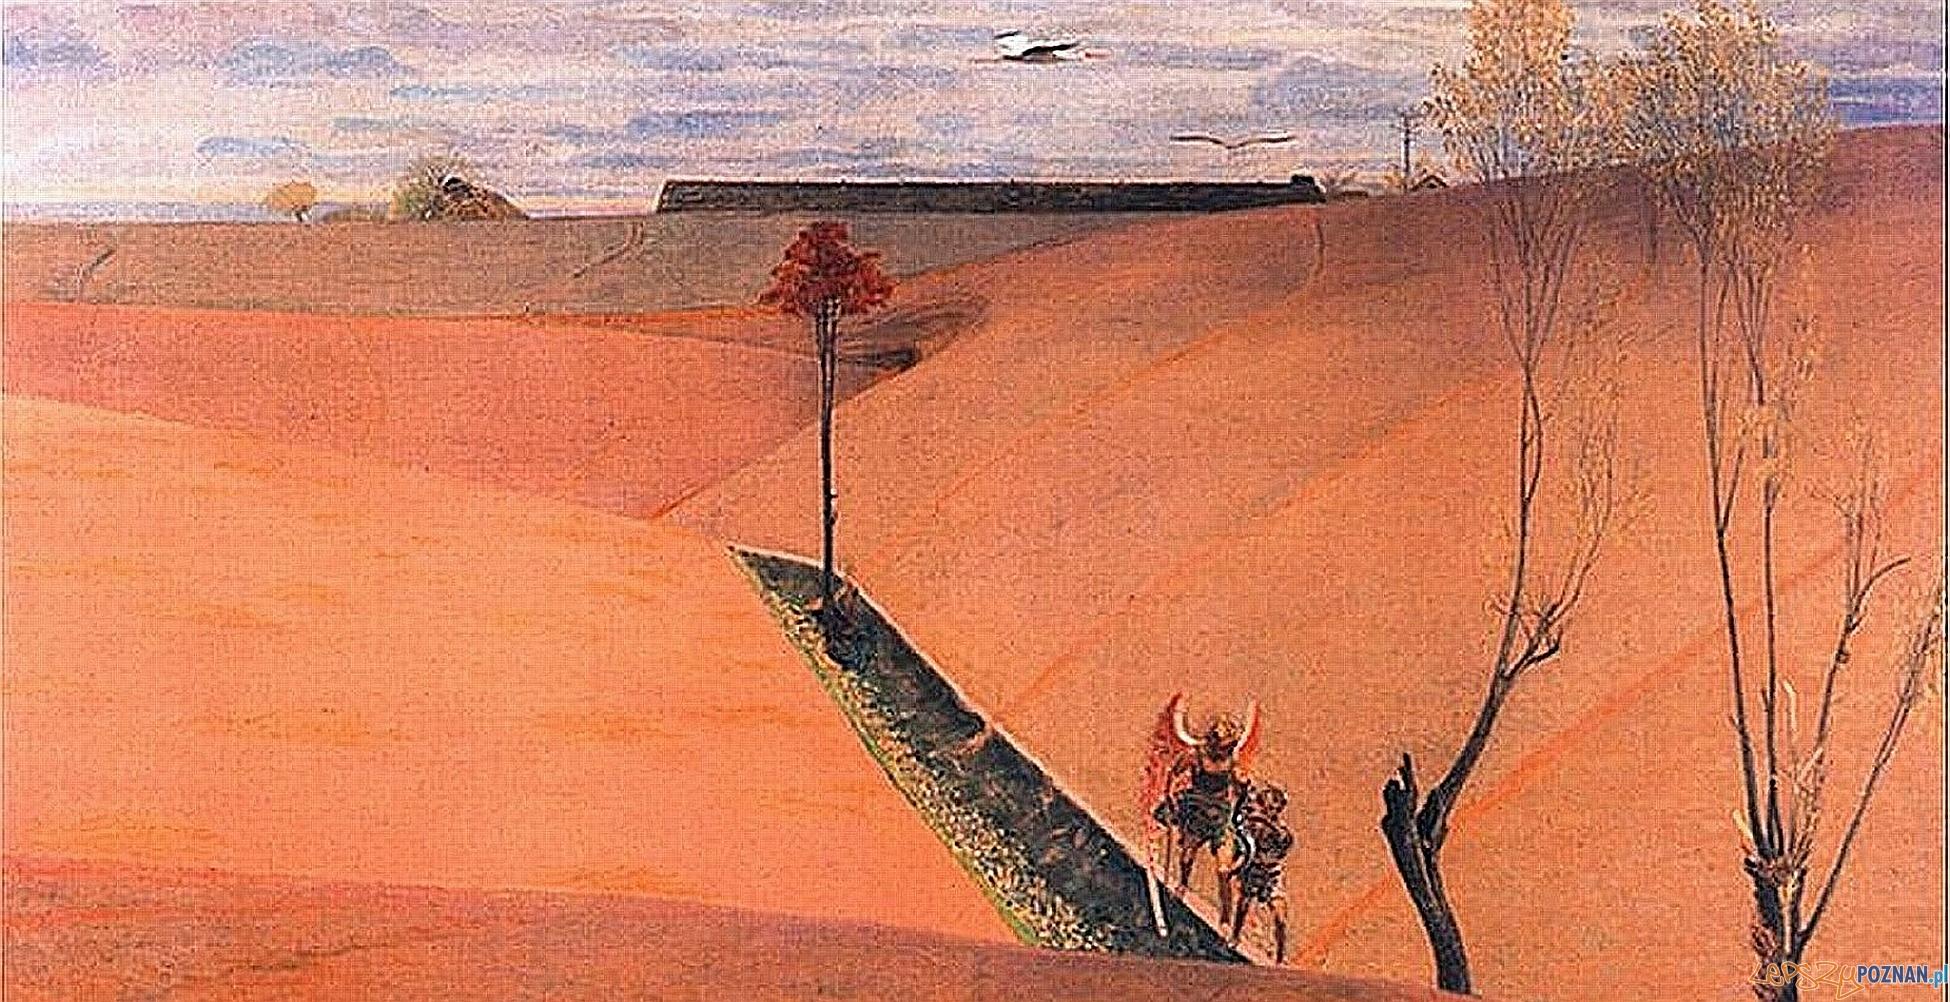 Krajobraz z Tobiaszem. Wiosna, 1904, olej na płótnie, 76 x 97 cm Foto: Muzeum Narodowe w Poznaniu